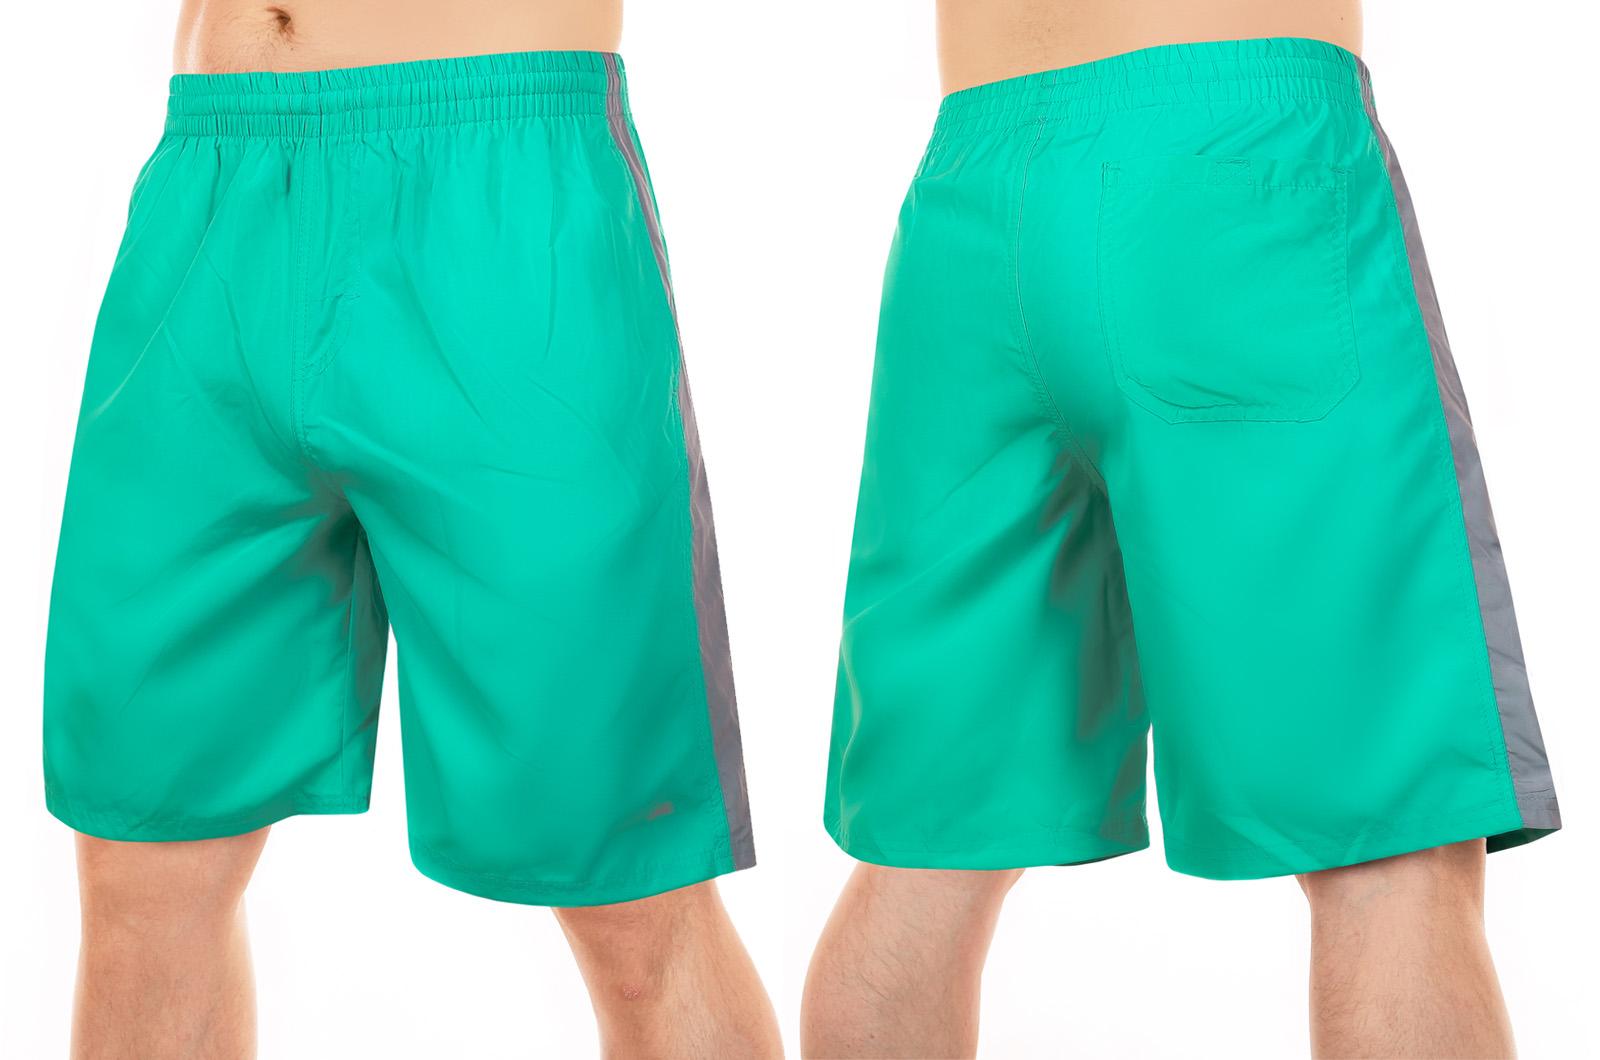 Заказать умопомрачительные шорты пляжные для стильных парней от MACE (Канада)